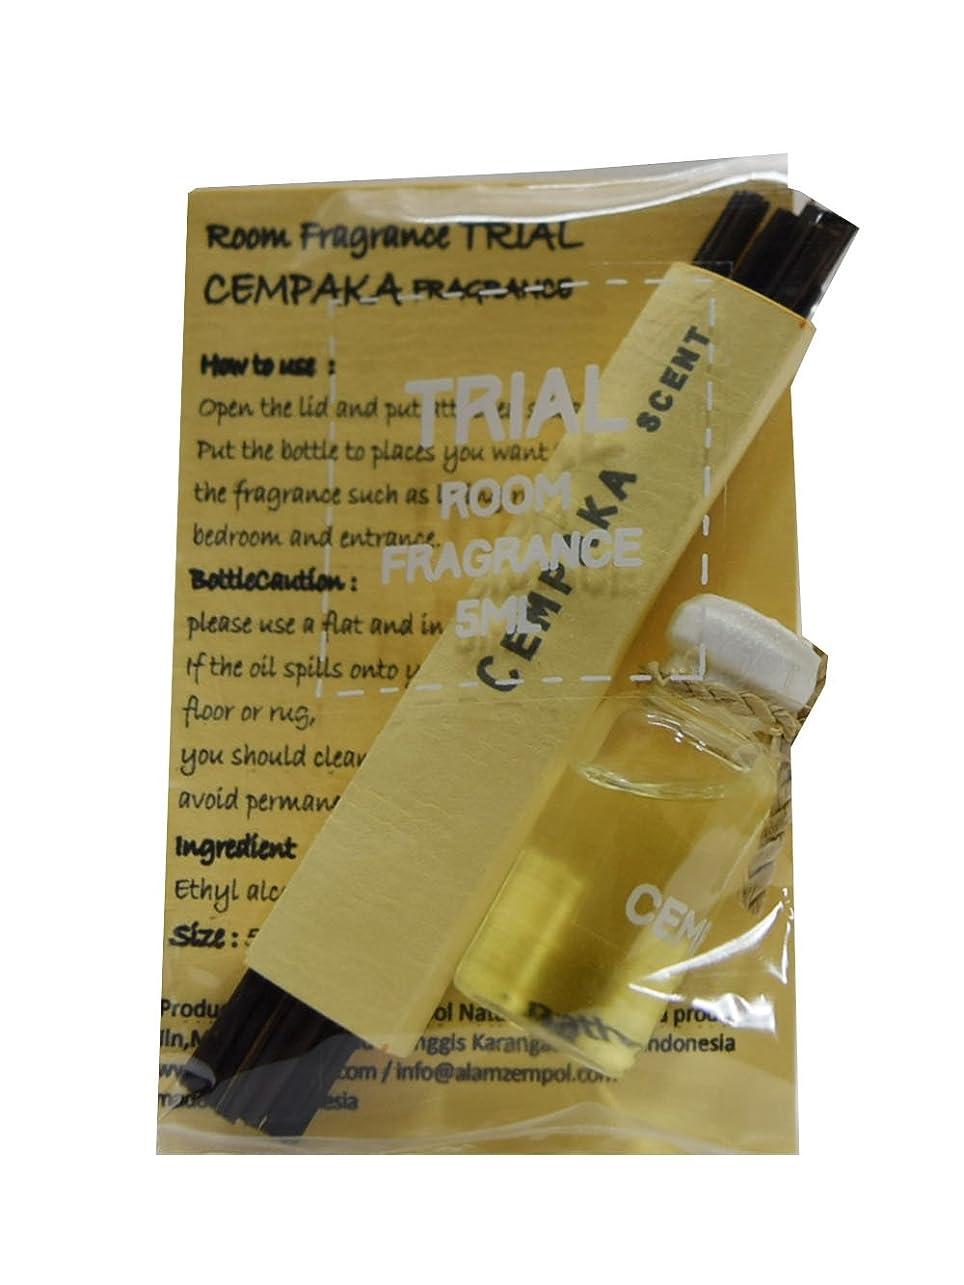 アサートマラドロイト引き金Room fragrance ルームフレグランス 5ml trial alam zenpol アラムセンポール BALI (CEMPAKA)